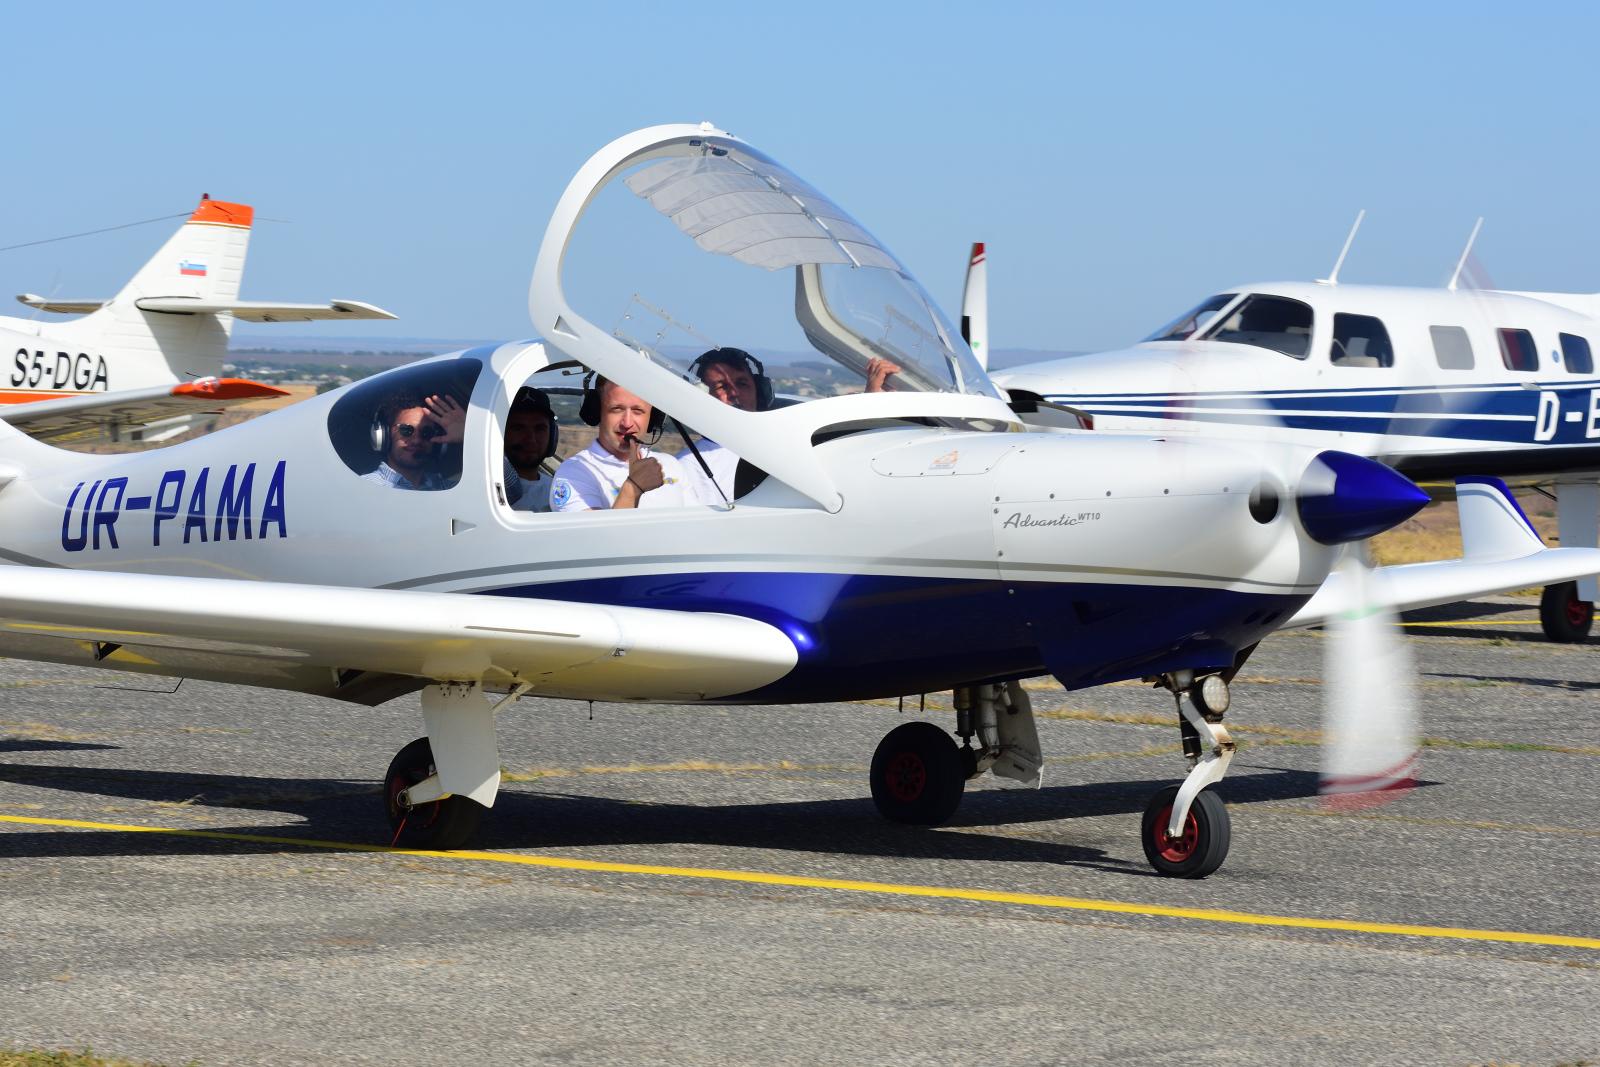 AeroSpool Advantic WT10